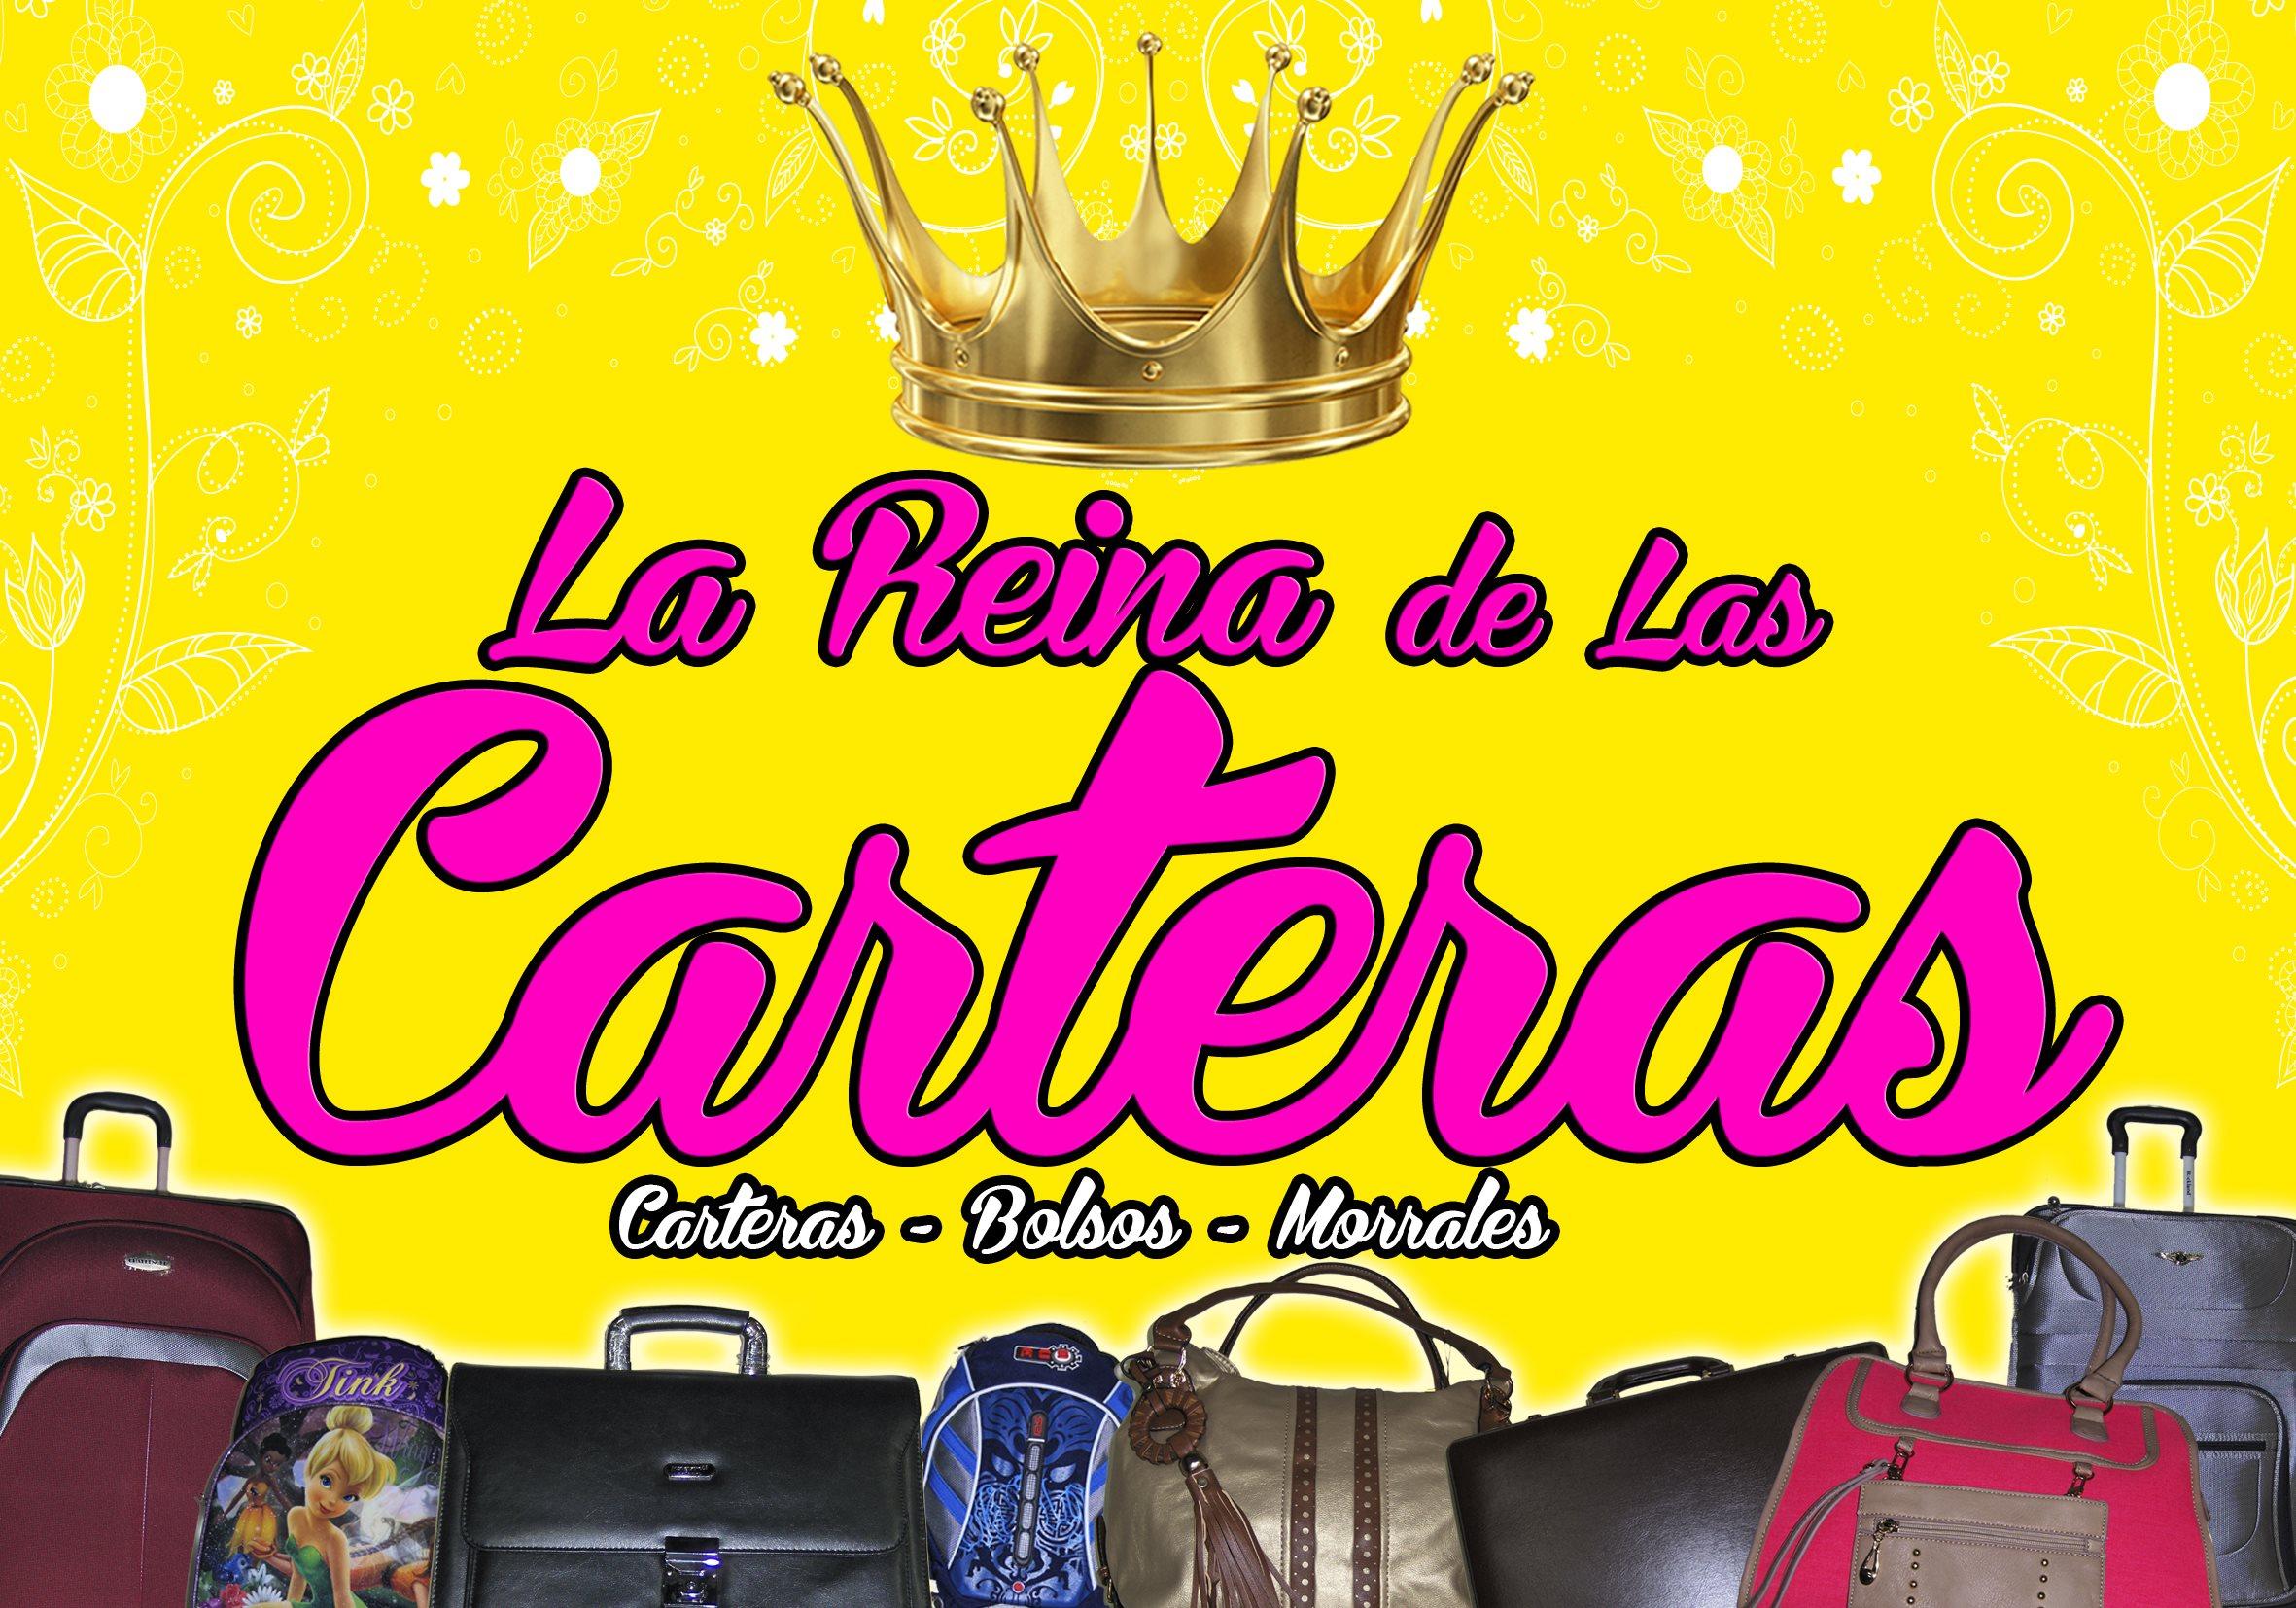 La Reina de las Carteras